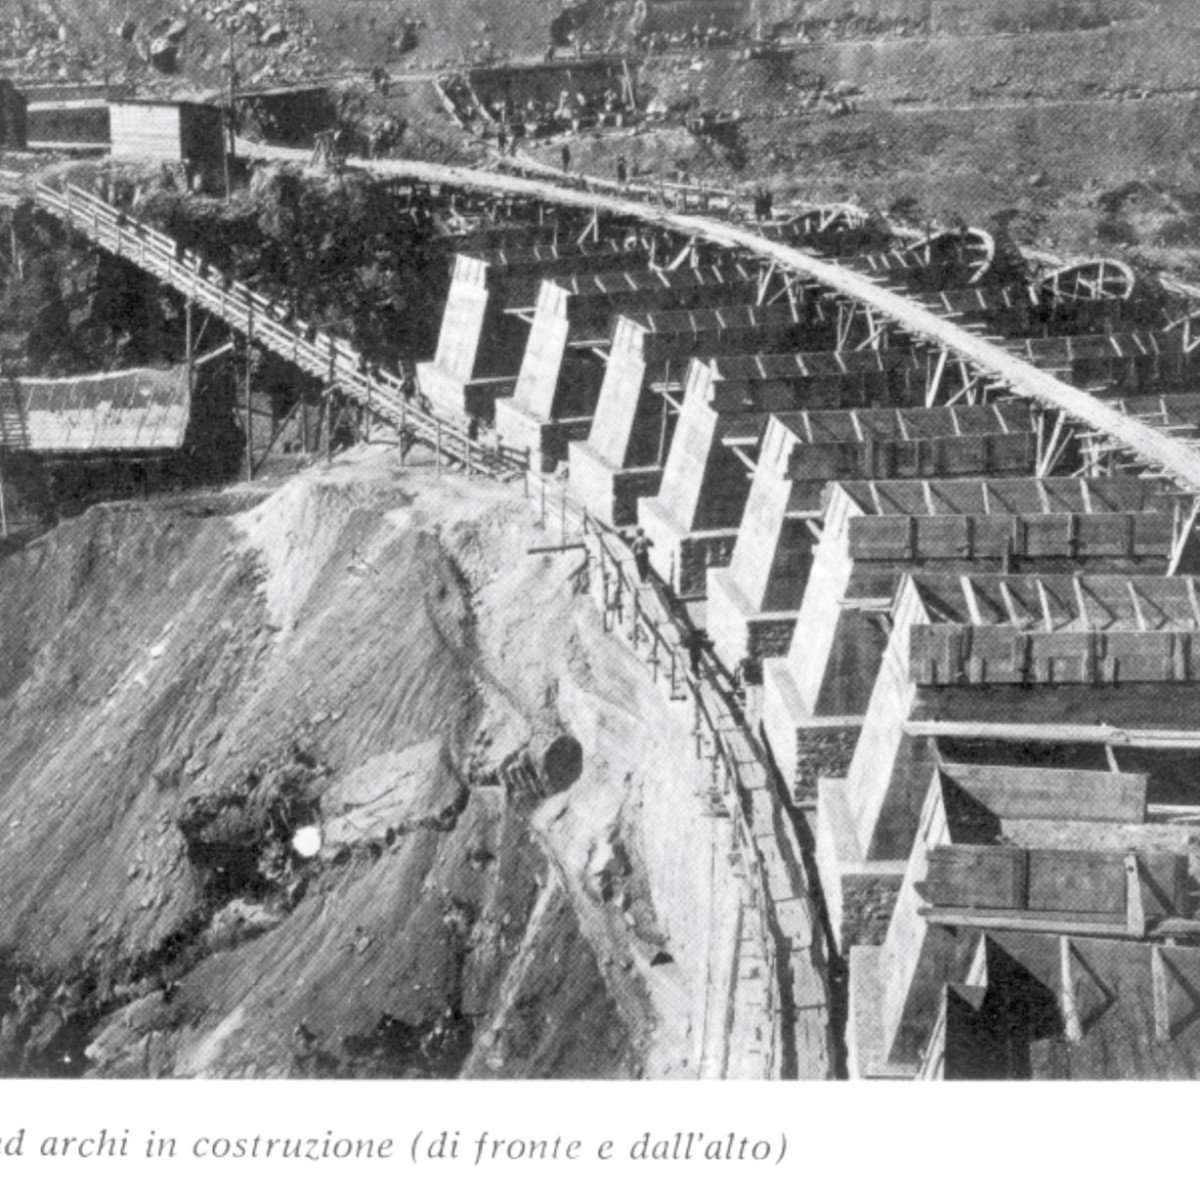 Piloni ed archi in costruzione (di fronte e dall'alto)